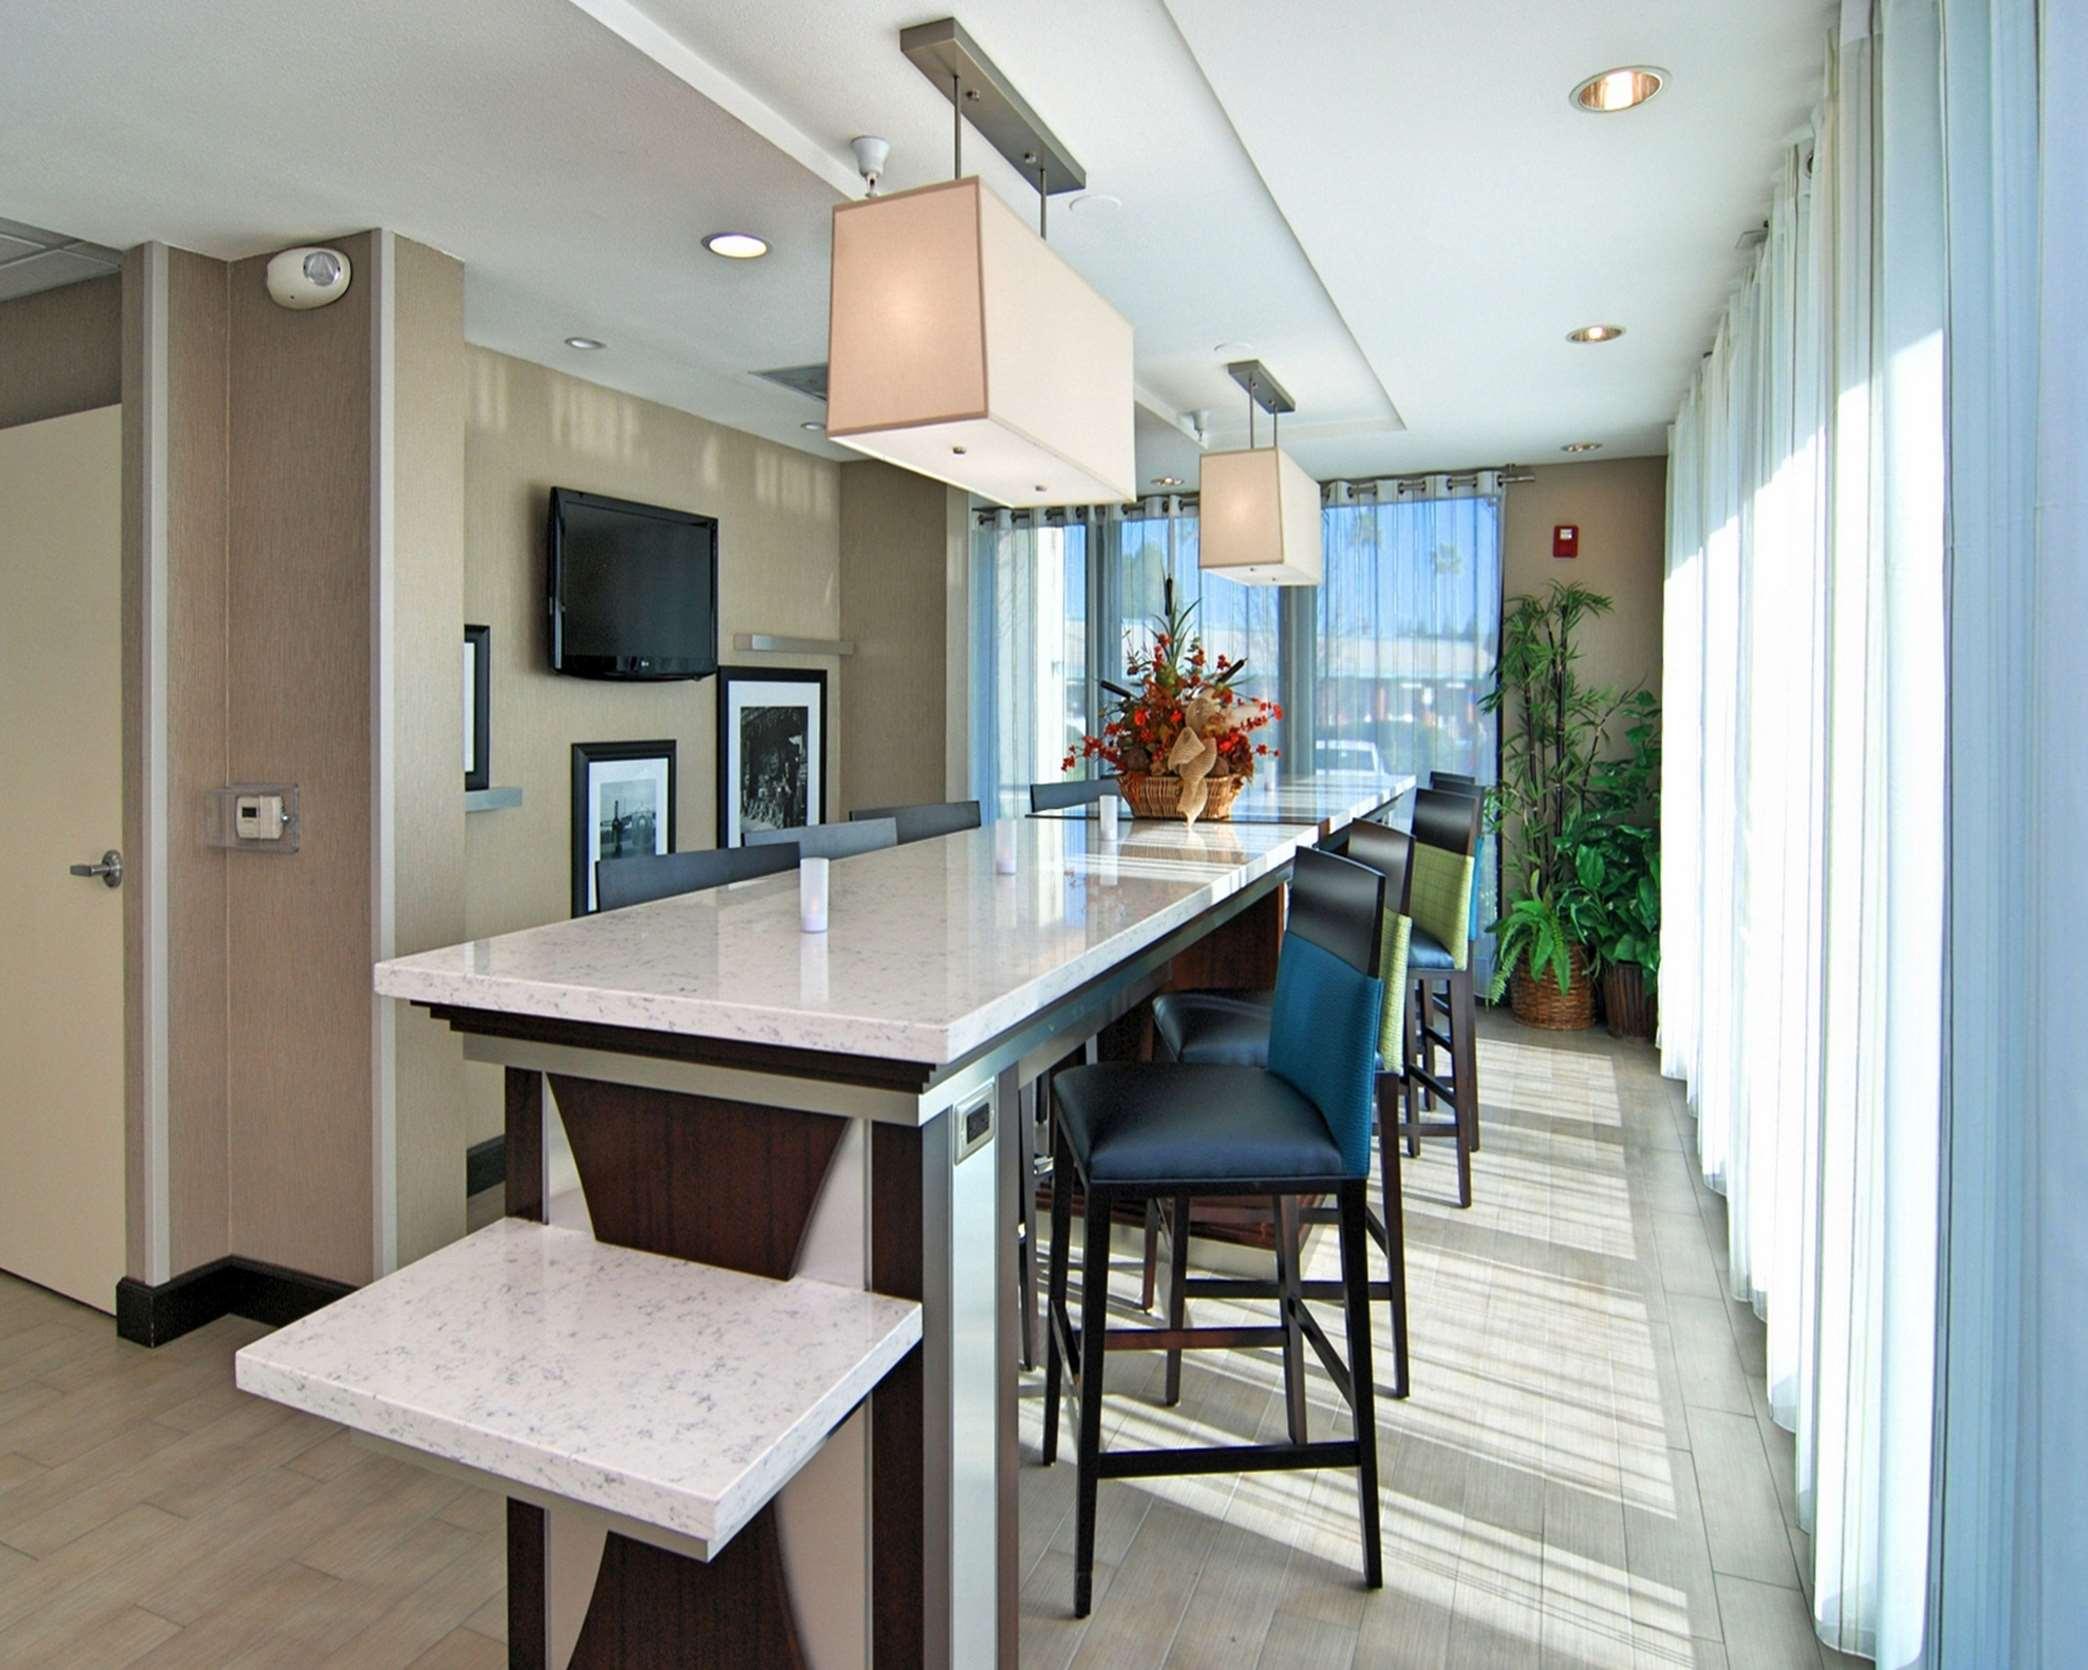 Hampton Inn & Suites Mountain View image 4